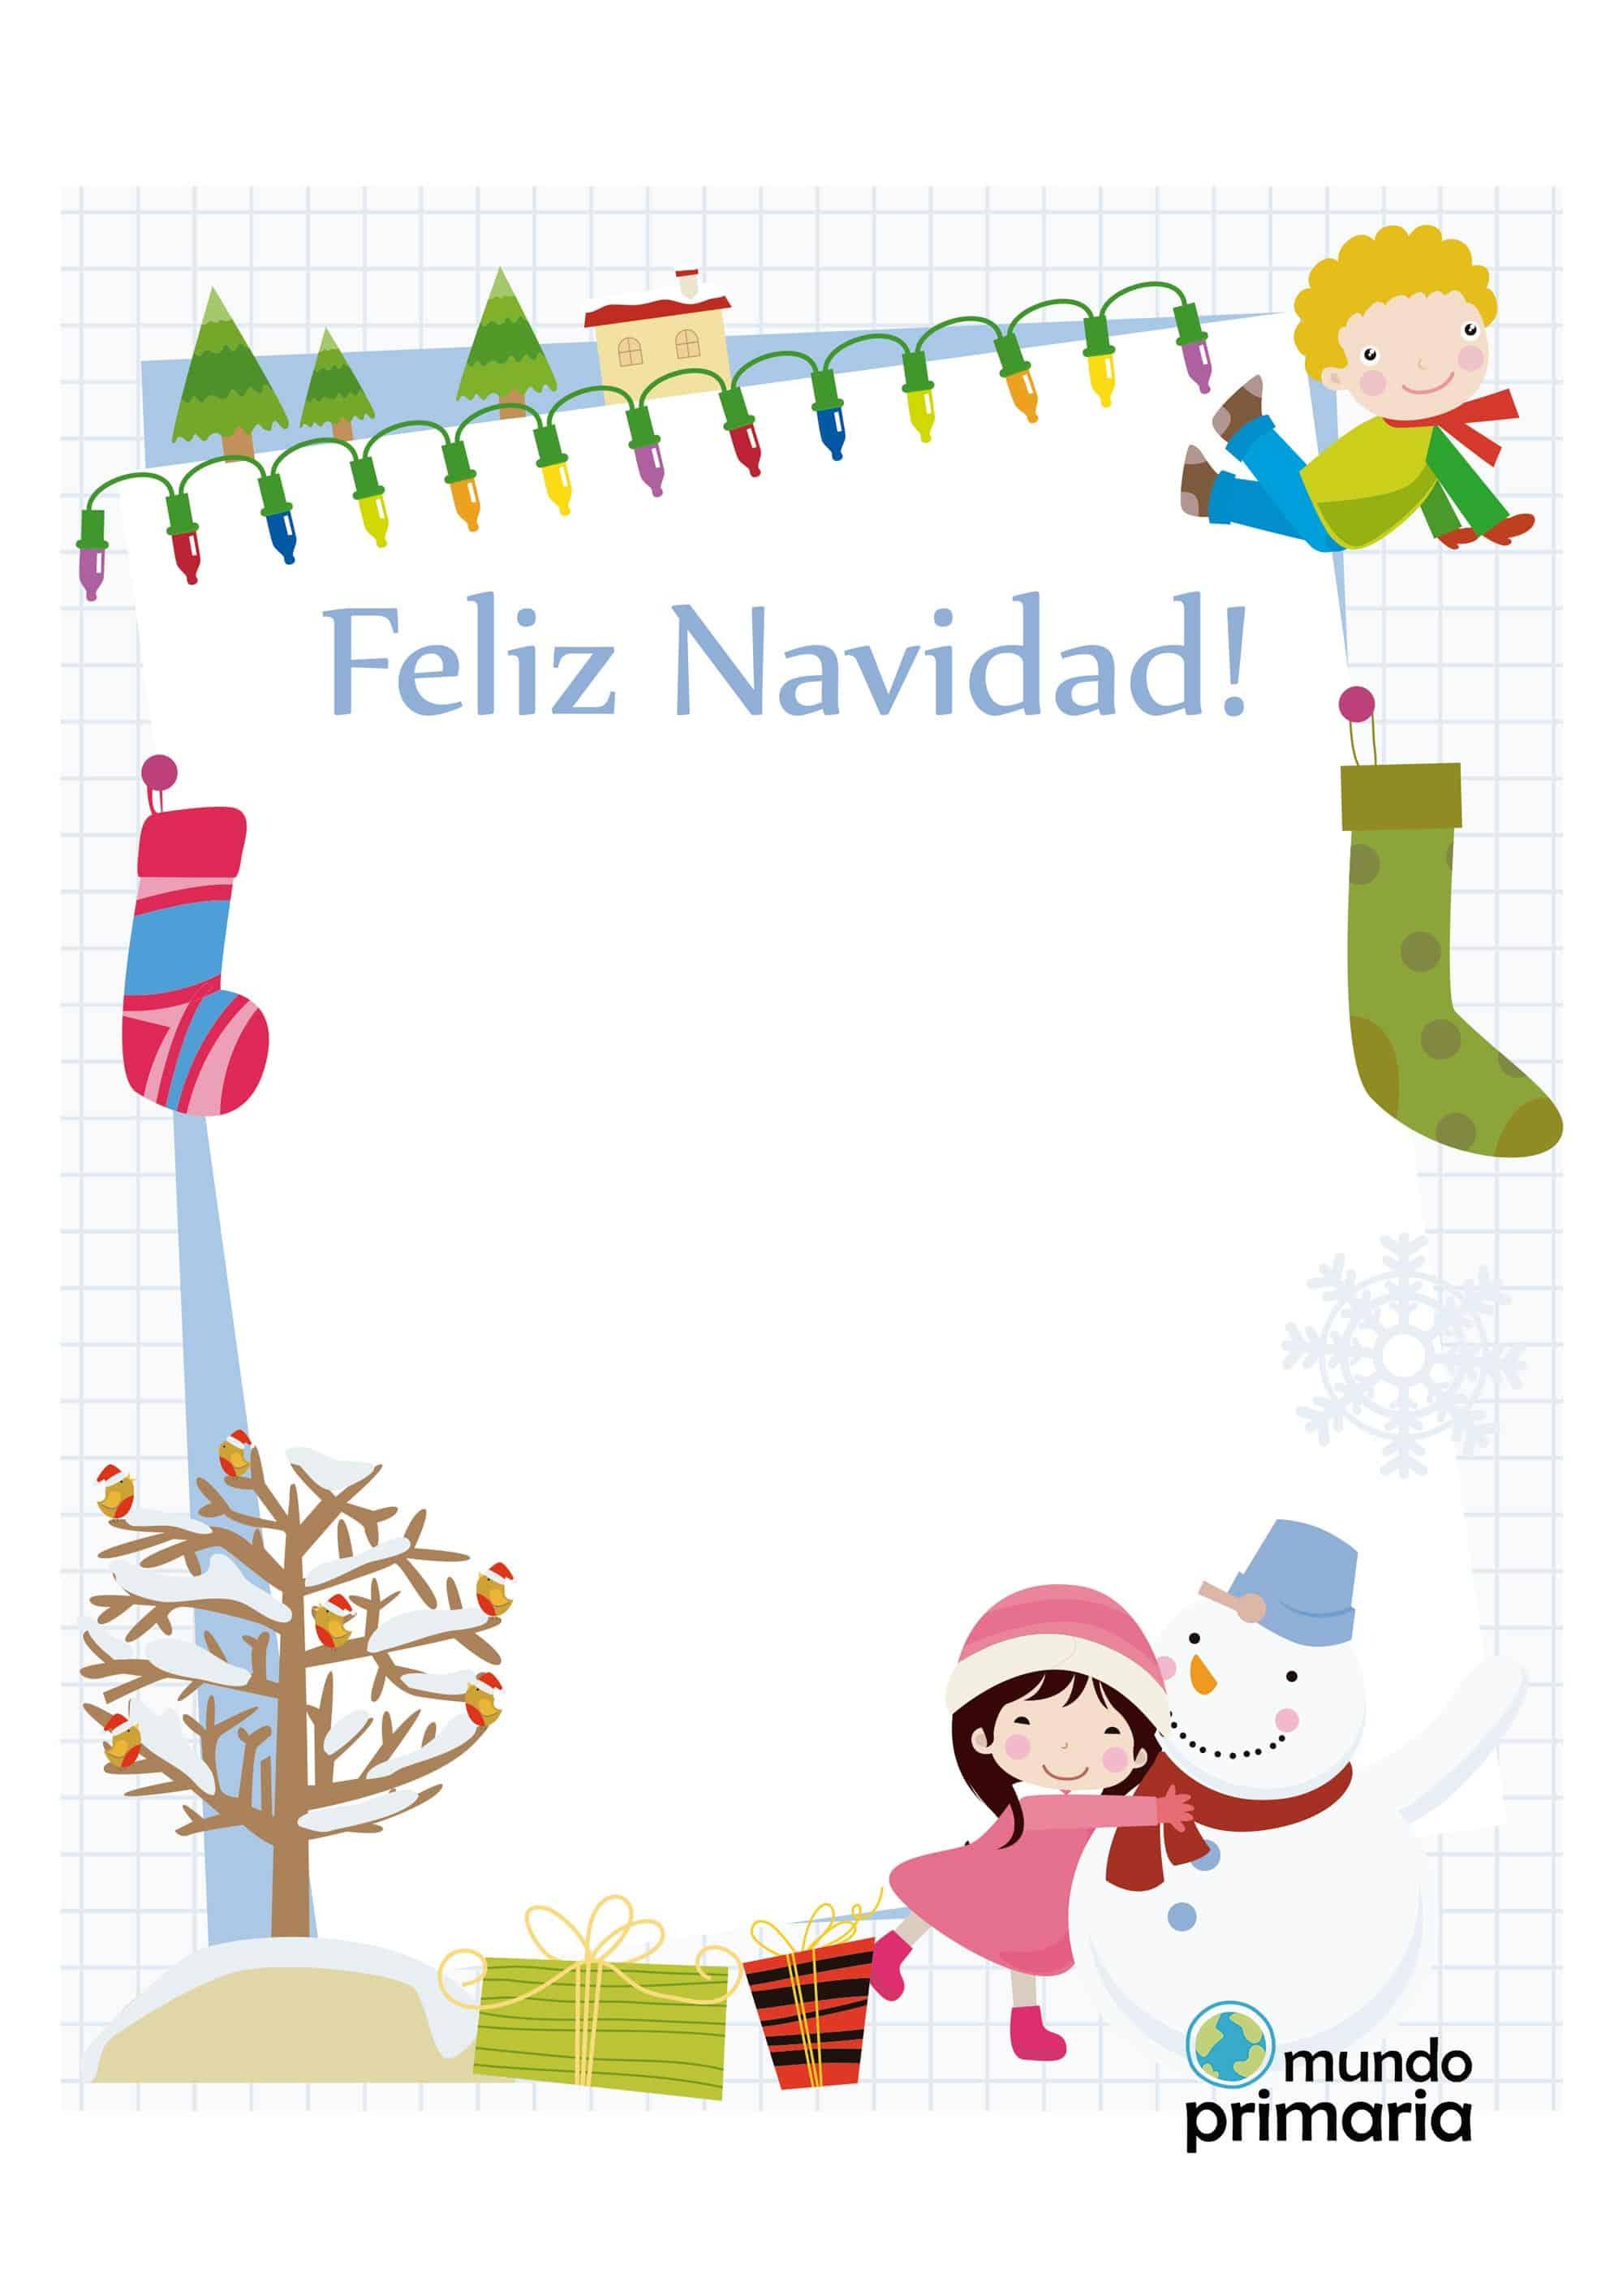 Tarjeta de felicitaci n para ni os con dibujos navide os - Tarjetas de navidad hechas por ninos ...